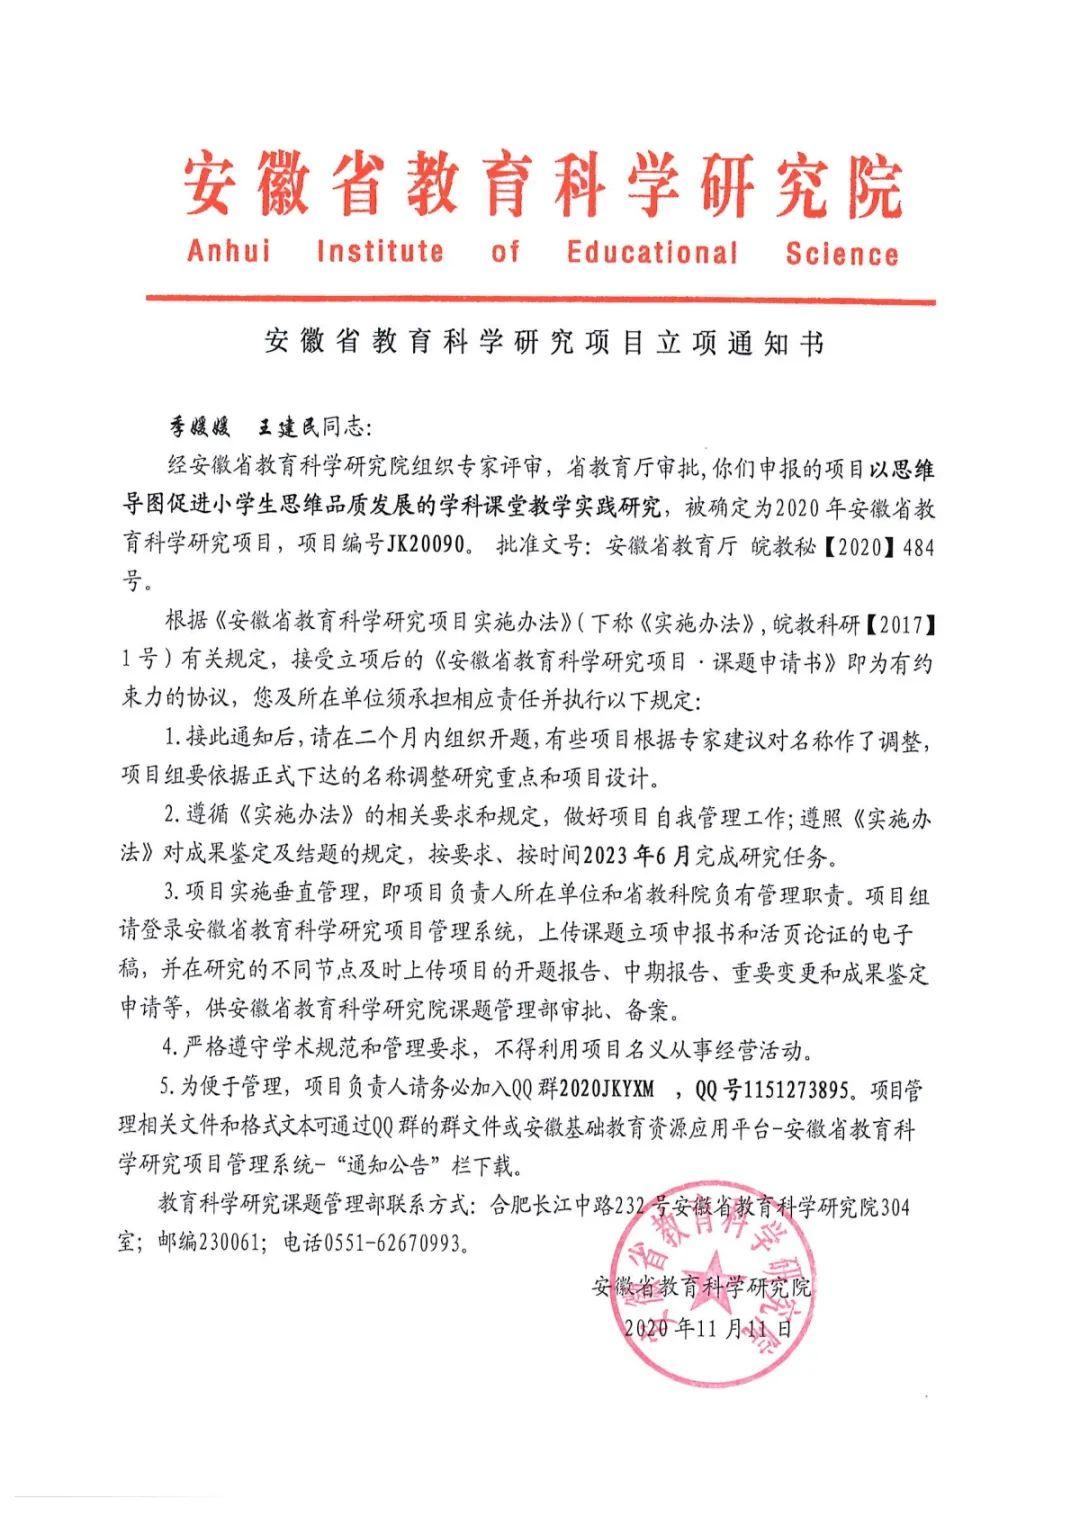 西小北校举行安徽省教育科学研究立项课题开题论证会